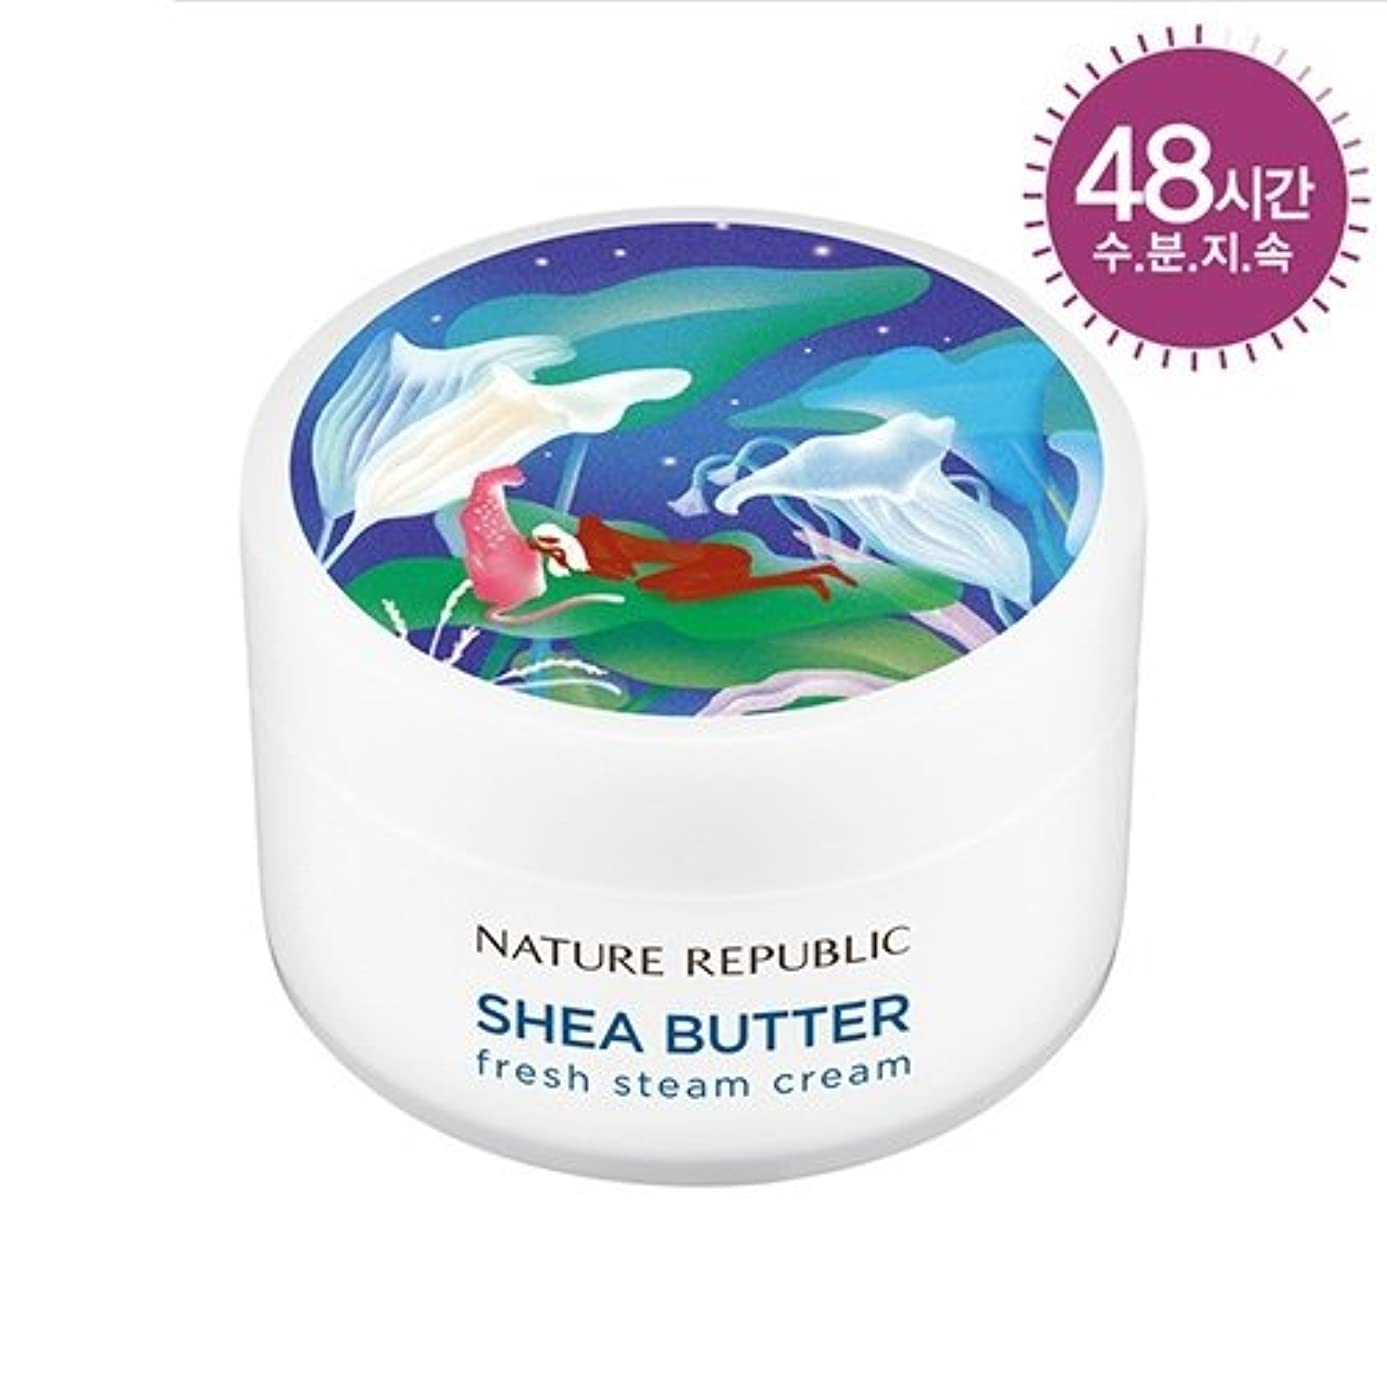 プレミアムバイソン雇うNATURE REPUBLIC(ネイチャーリパブリック) SHEA BUTTER STEAM CREAM シアバター スチーム クリーム #フレッシュスオイリー肌